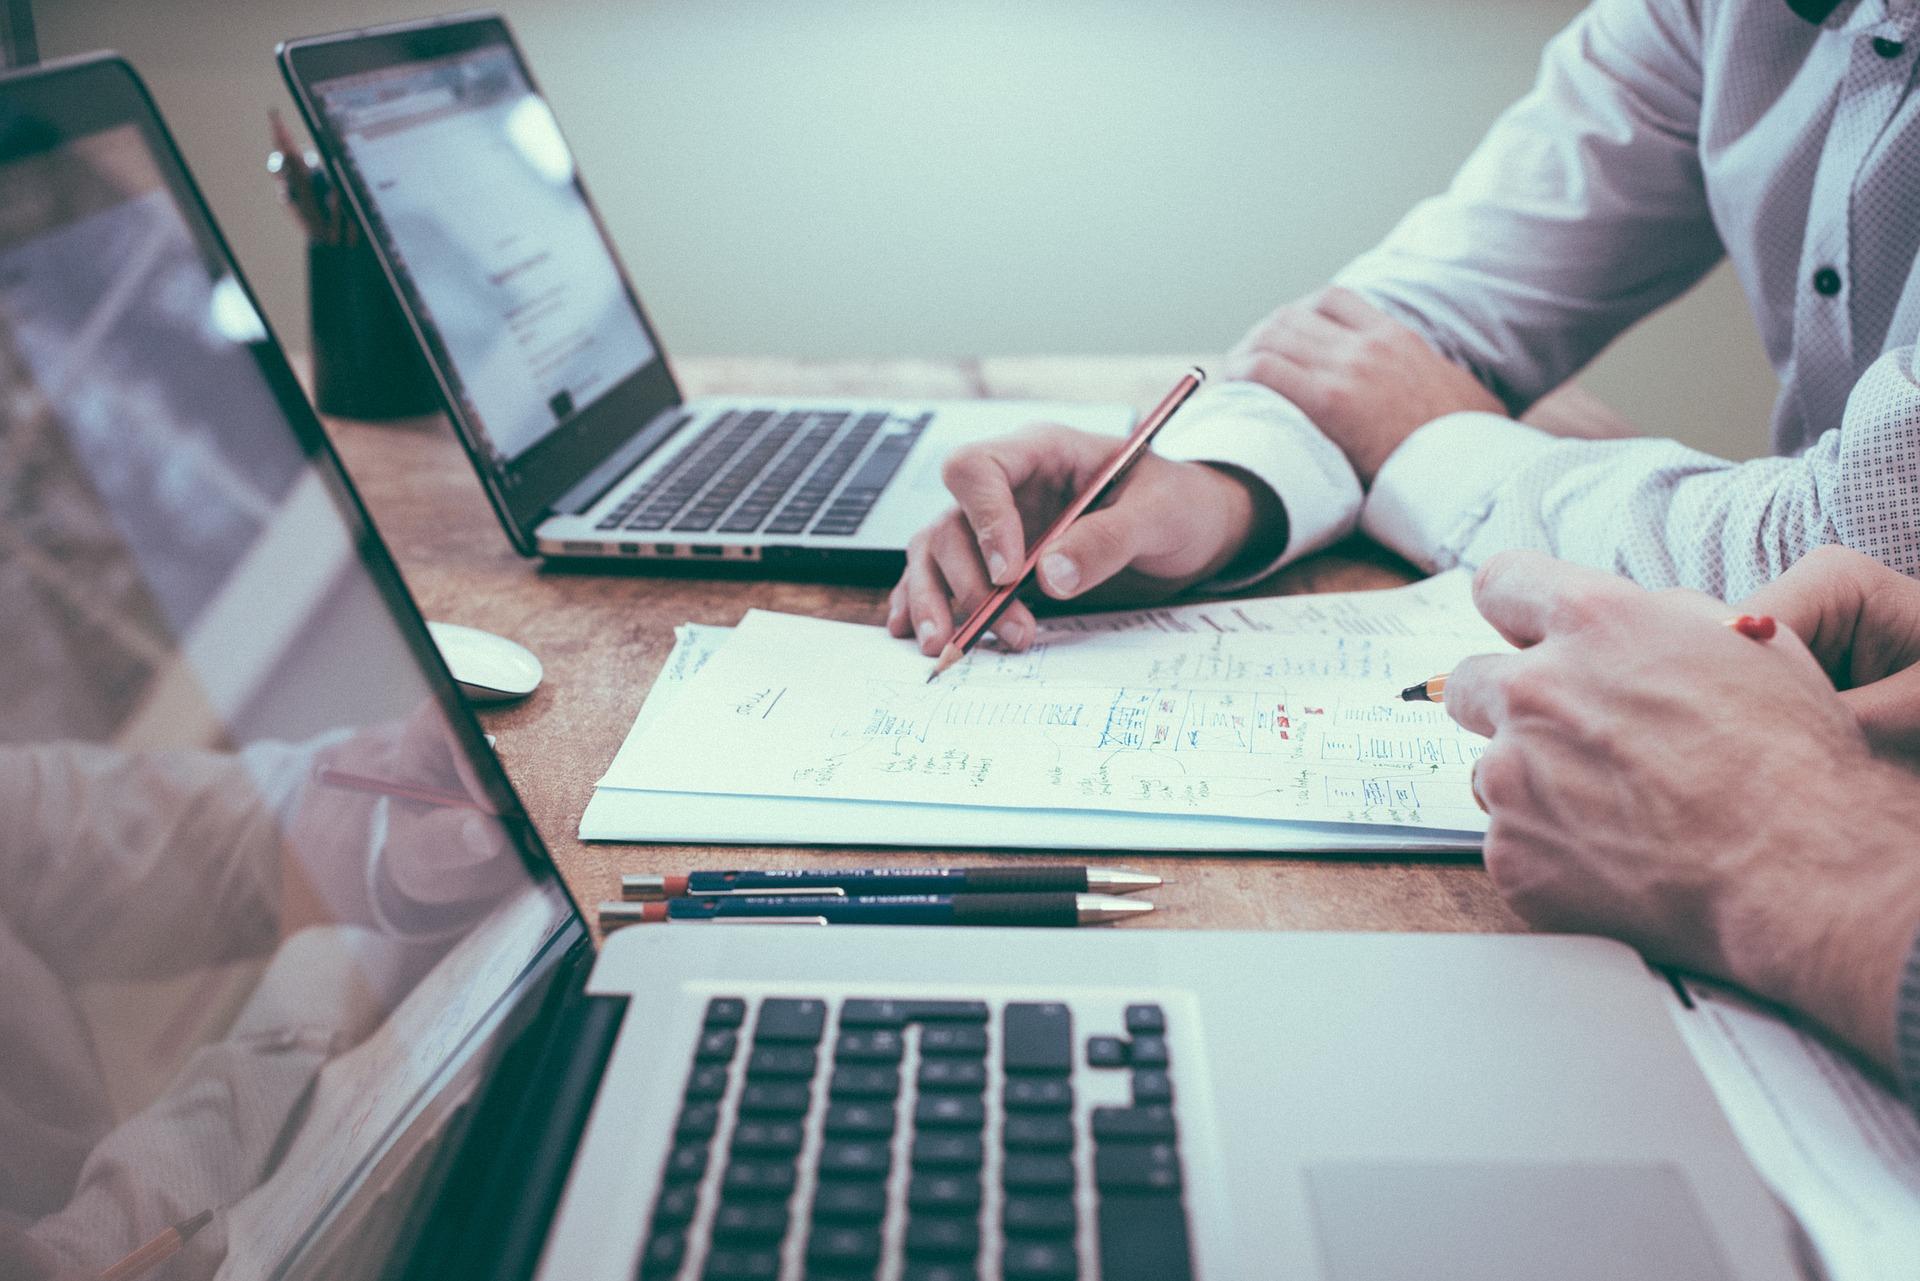 Programa de Compliance — Como Implementar em Sua Empresa